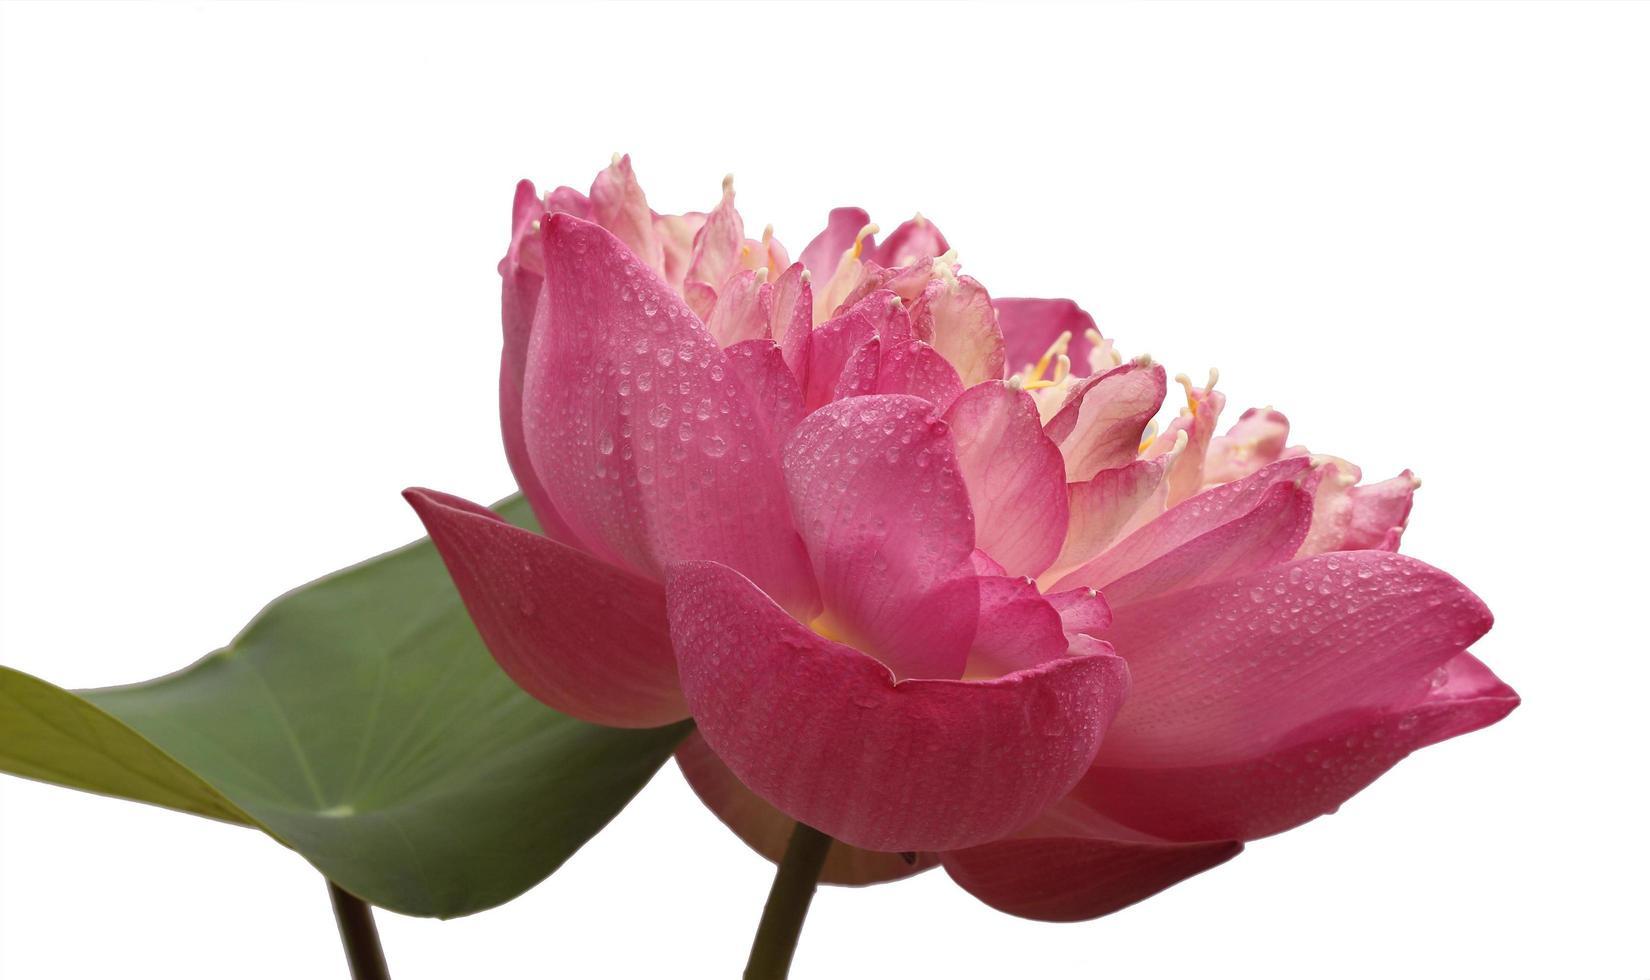 rosa Blume auf Weiß foto